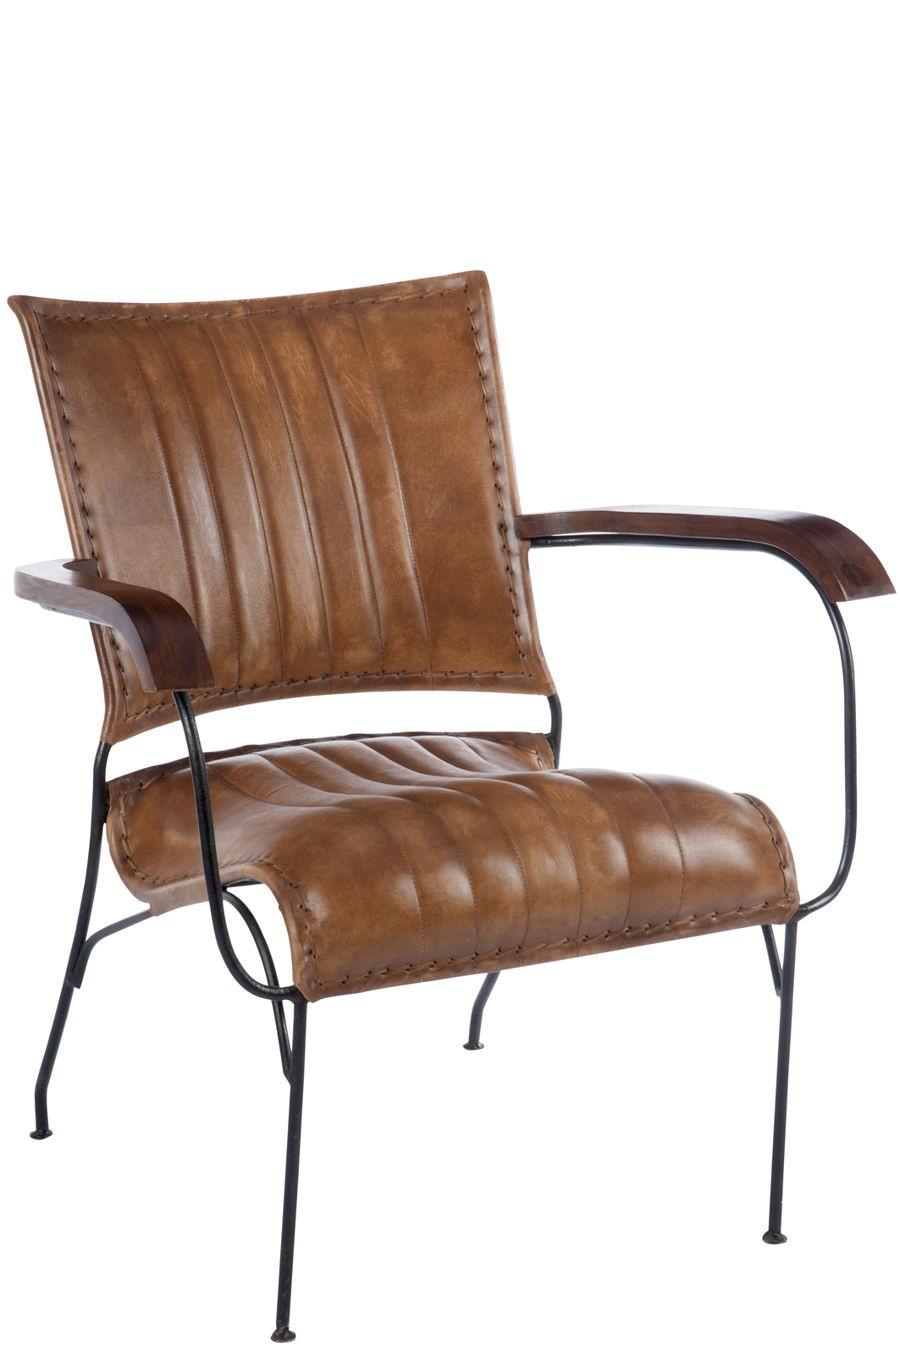 Fauteuil retro en cuir cognac et métal 43x43x43cm J-Line by Jolipa... - Fauteuil Retro